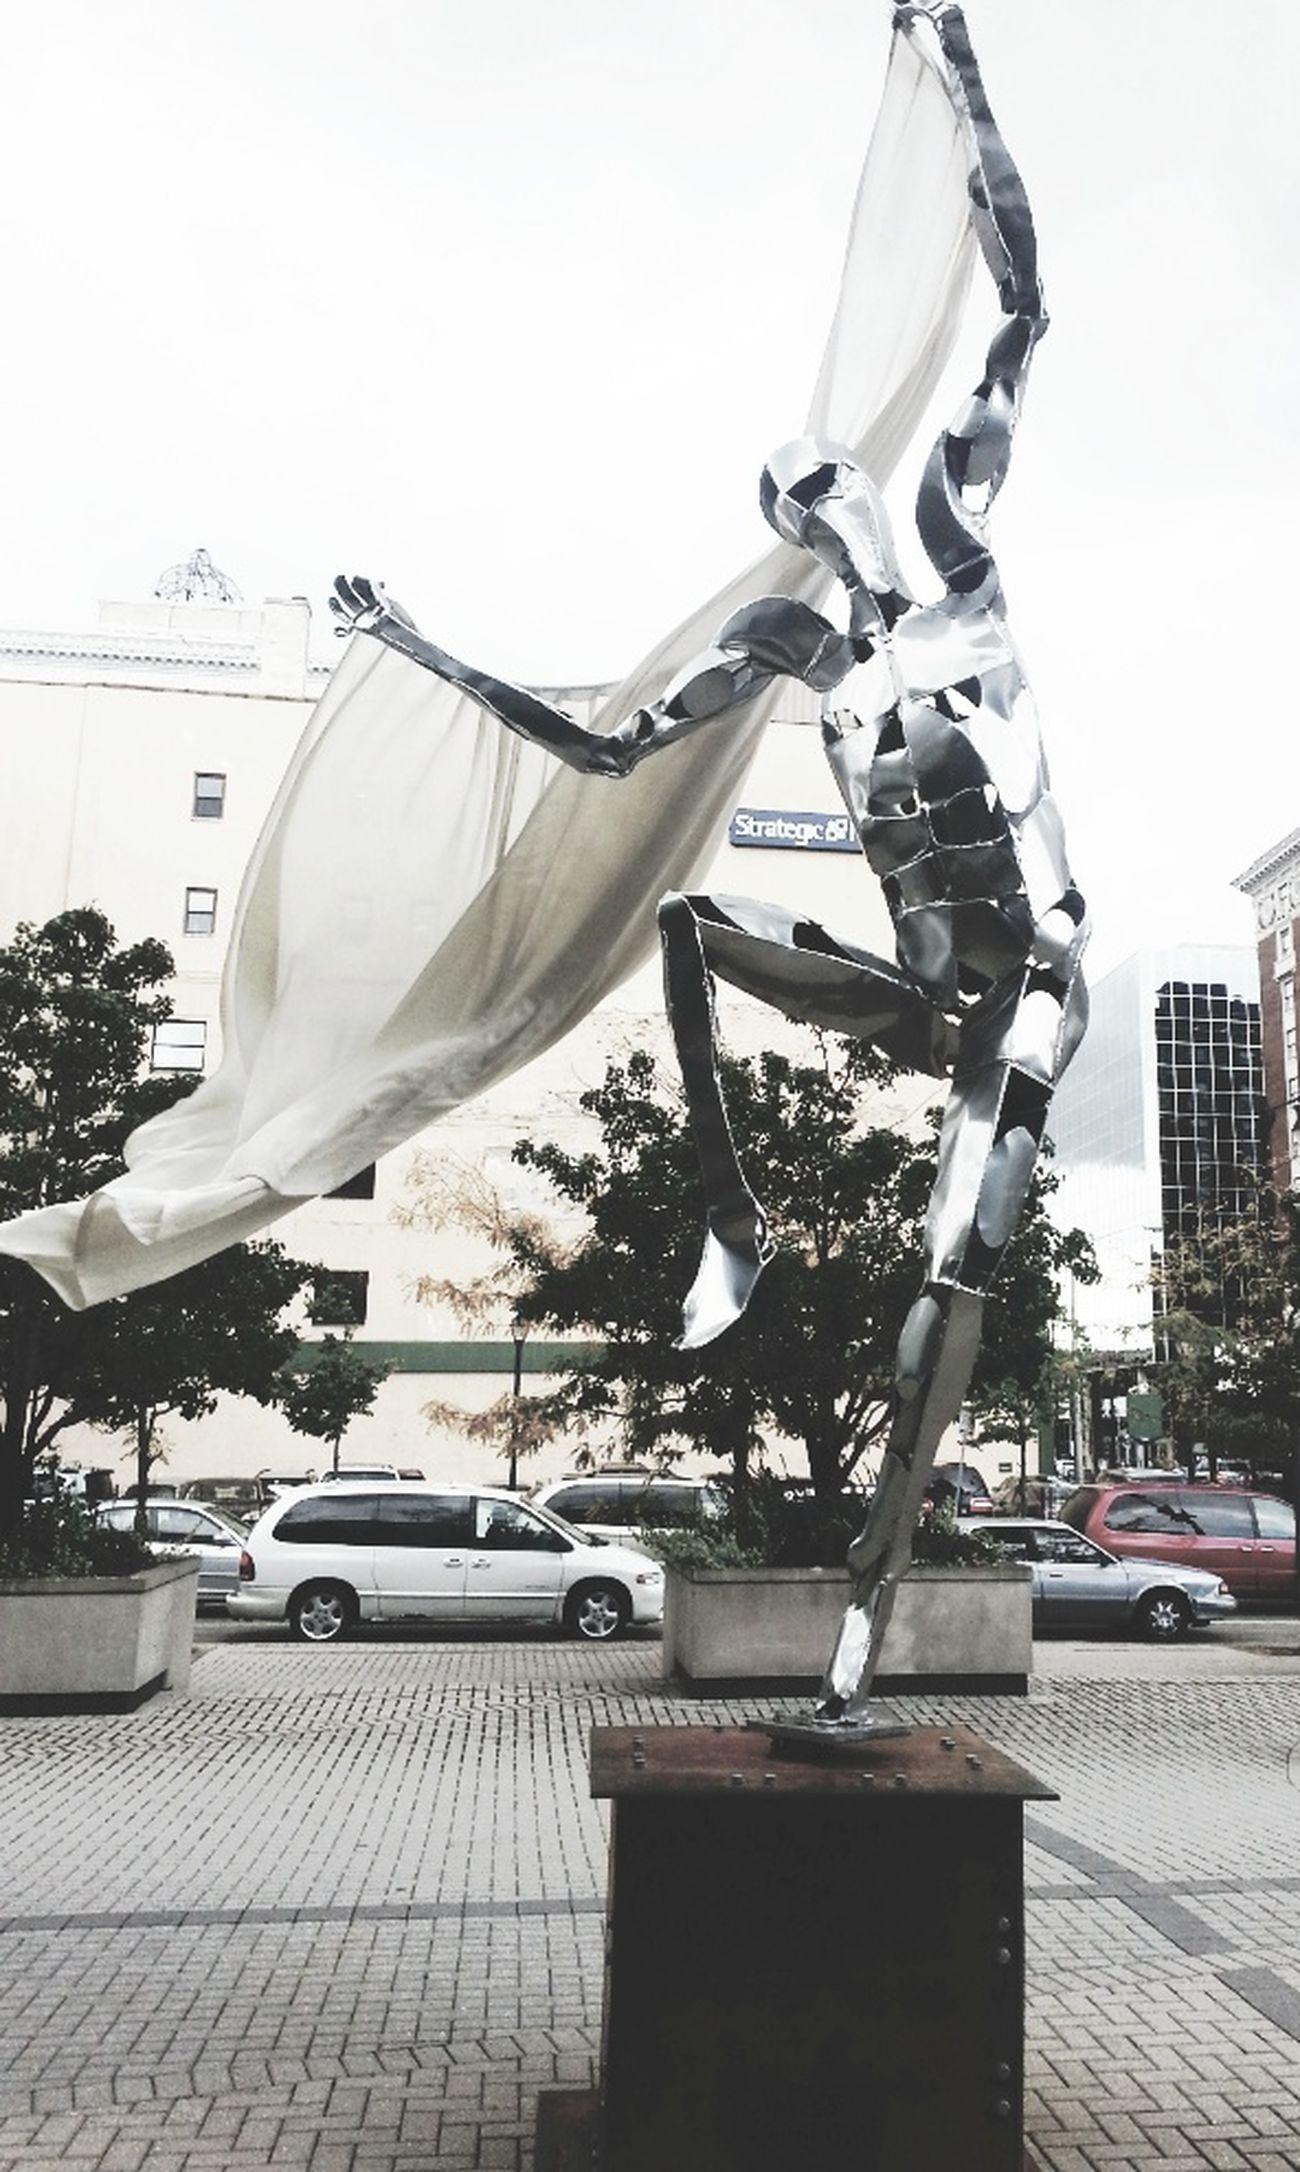 Artprize Artprize2014 Street Art Street Photography